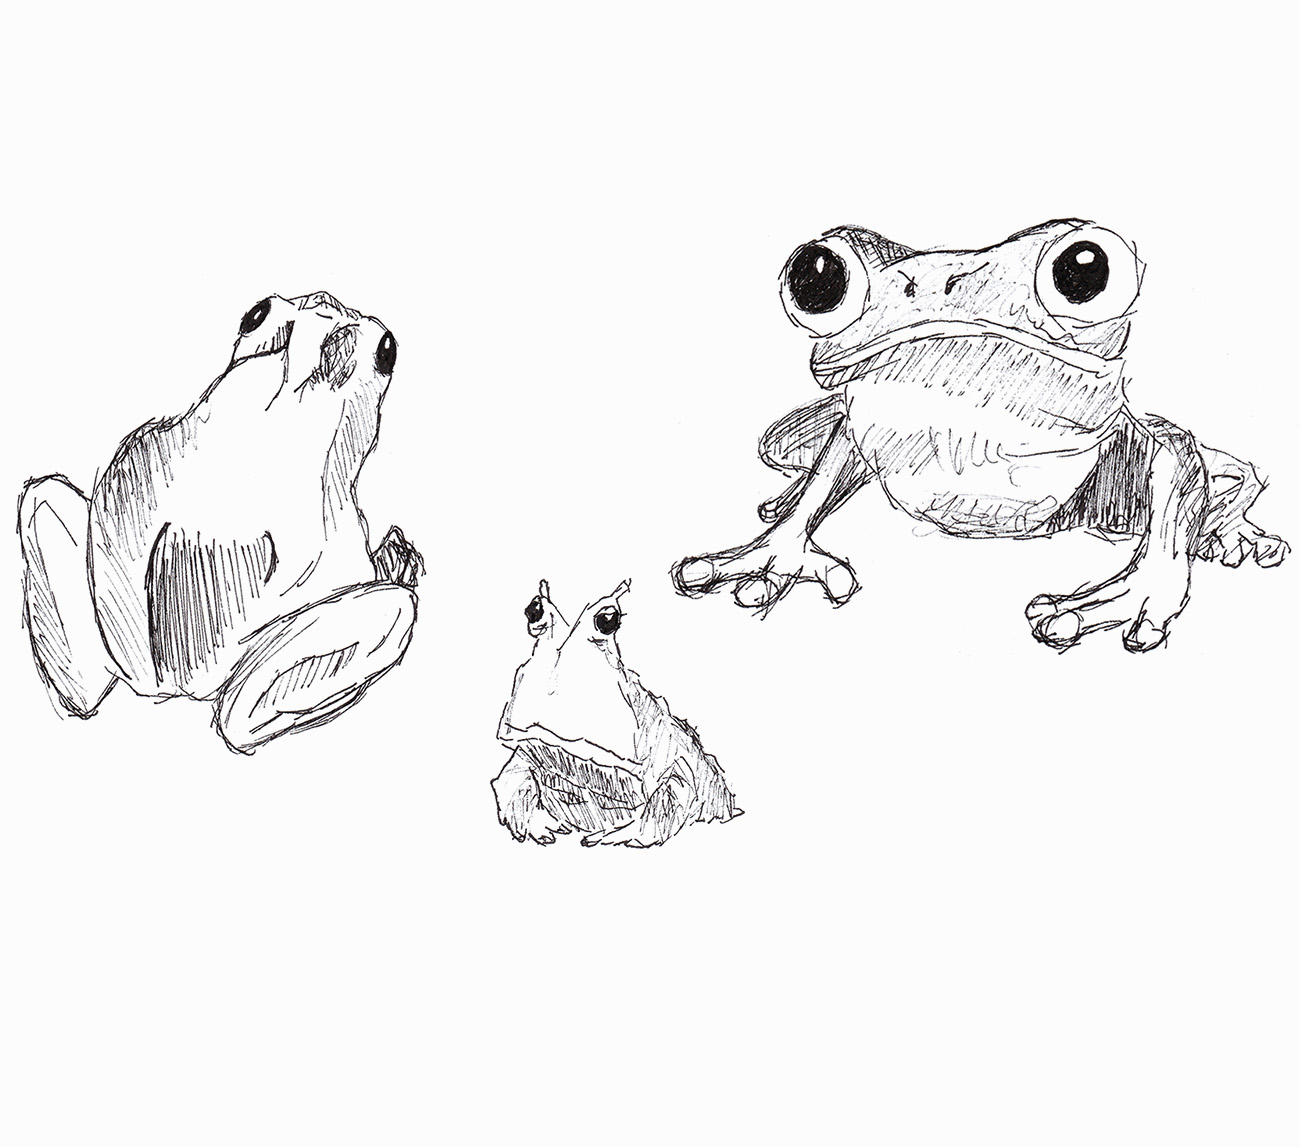 Skizze von drei Fröschen